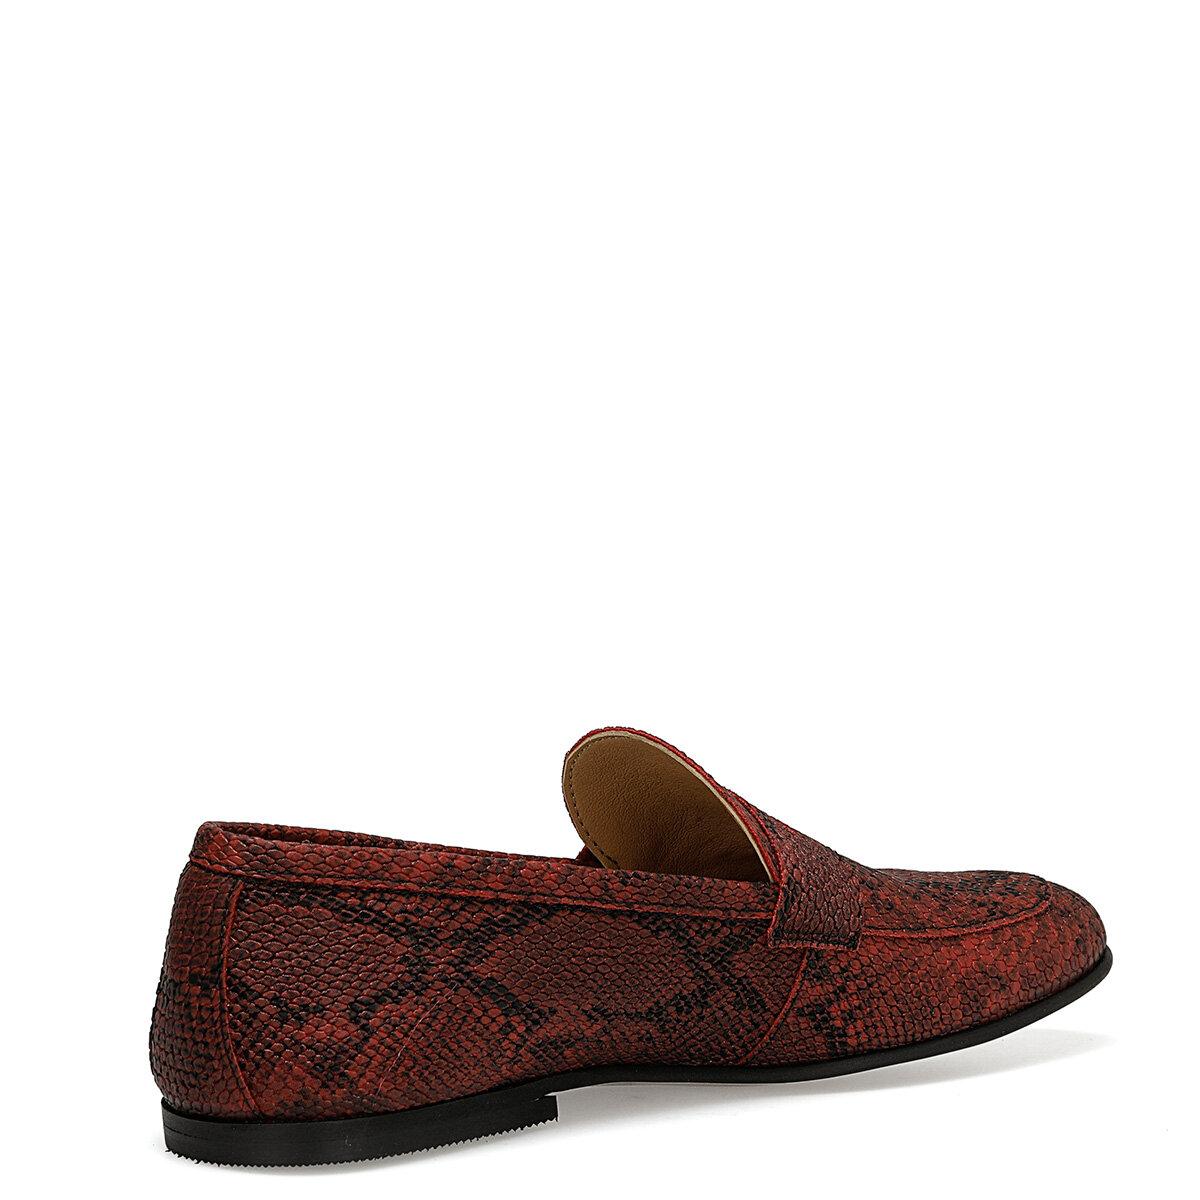 NORAN Kırmızı Kadın Loafer Ayakkabı